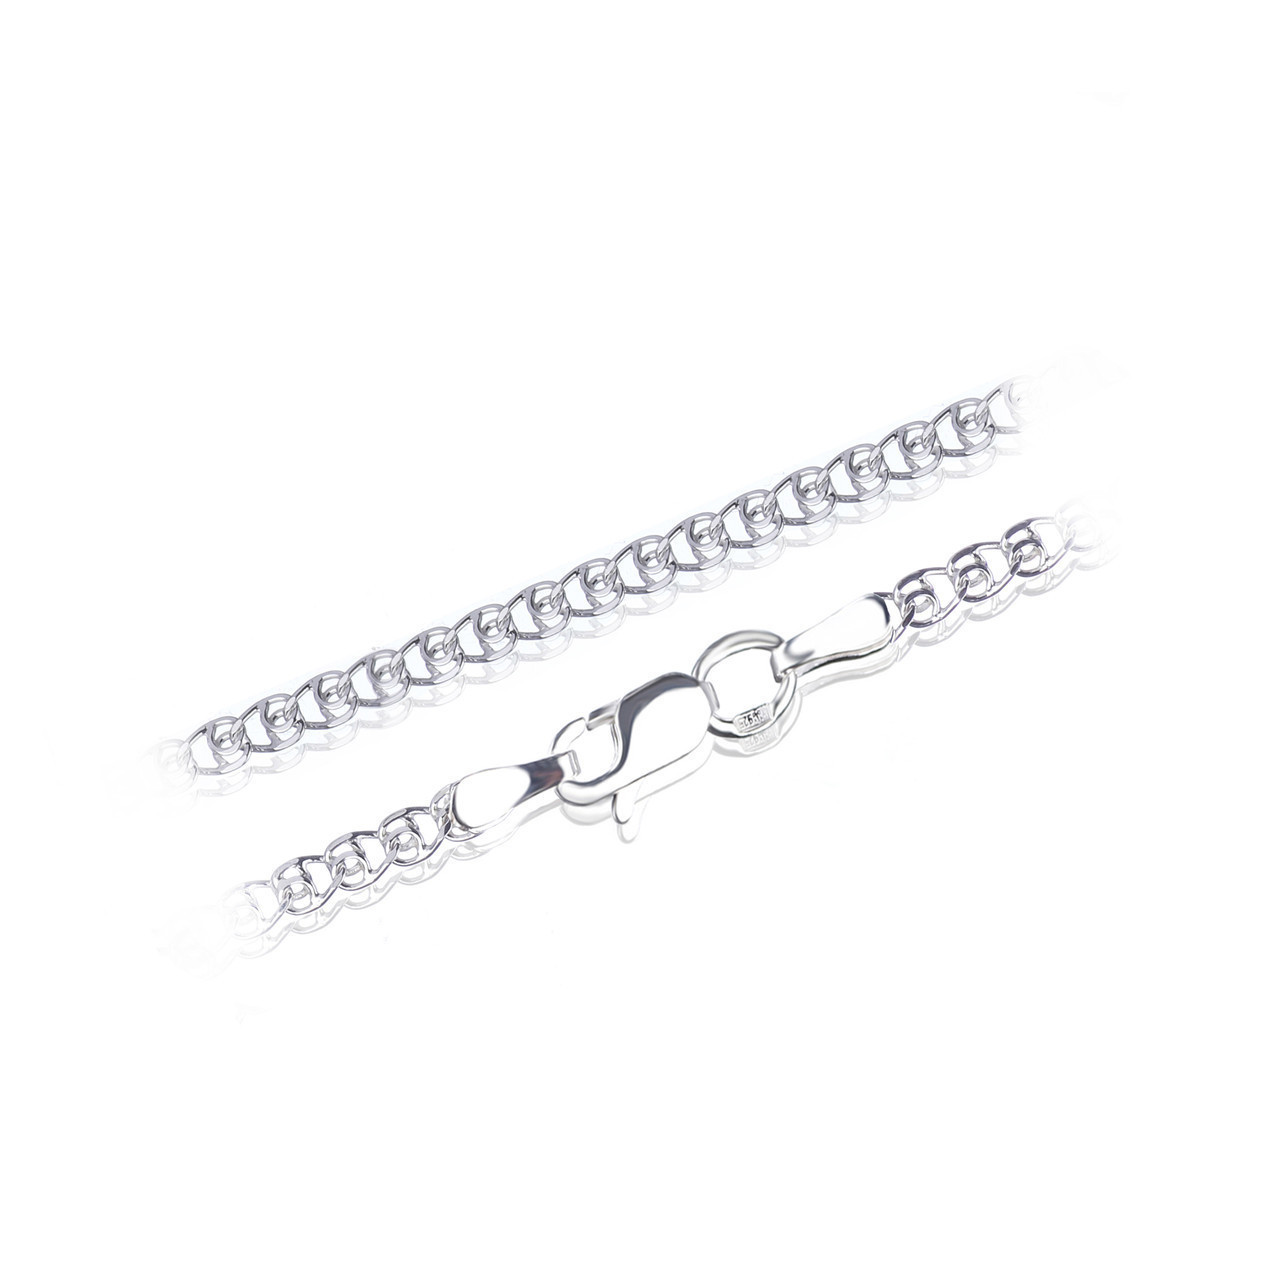 Женская серебряная цепочка ЛАВ 2.5 мм, 55 см